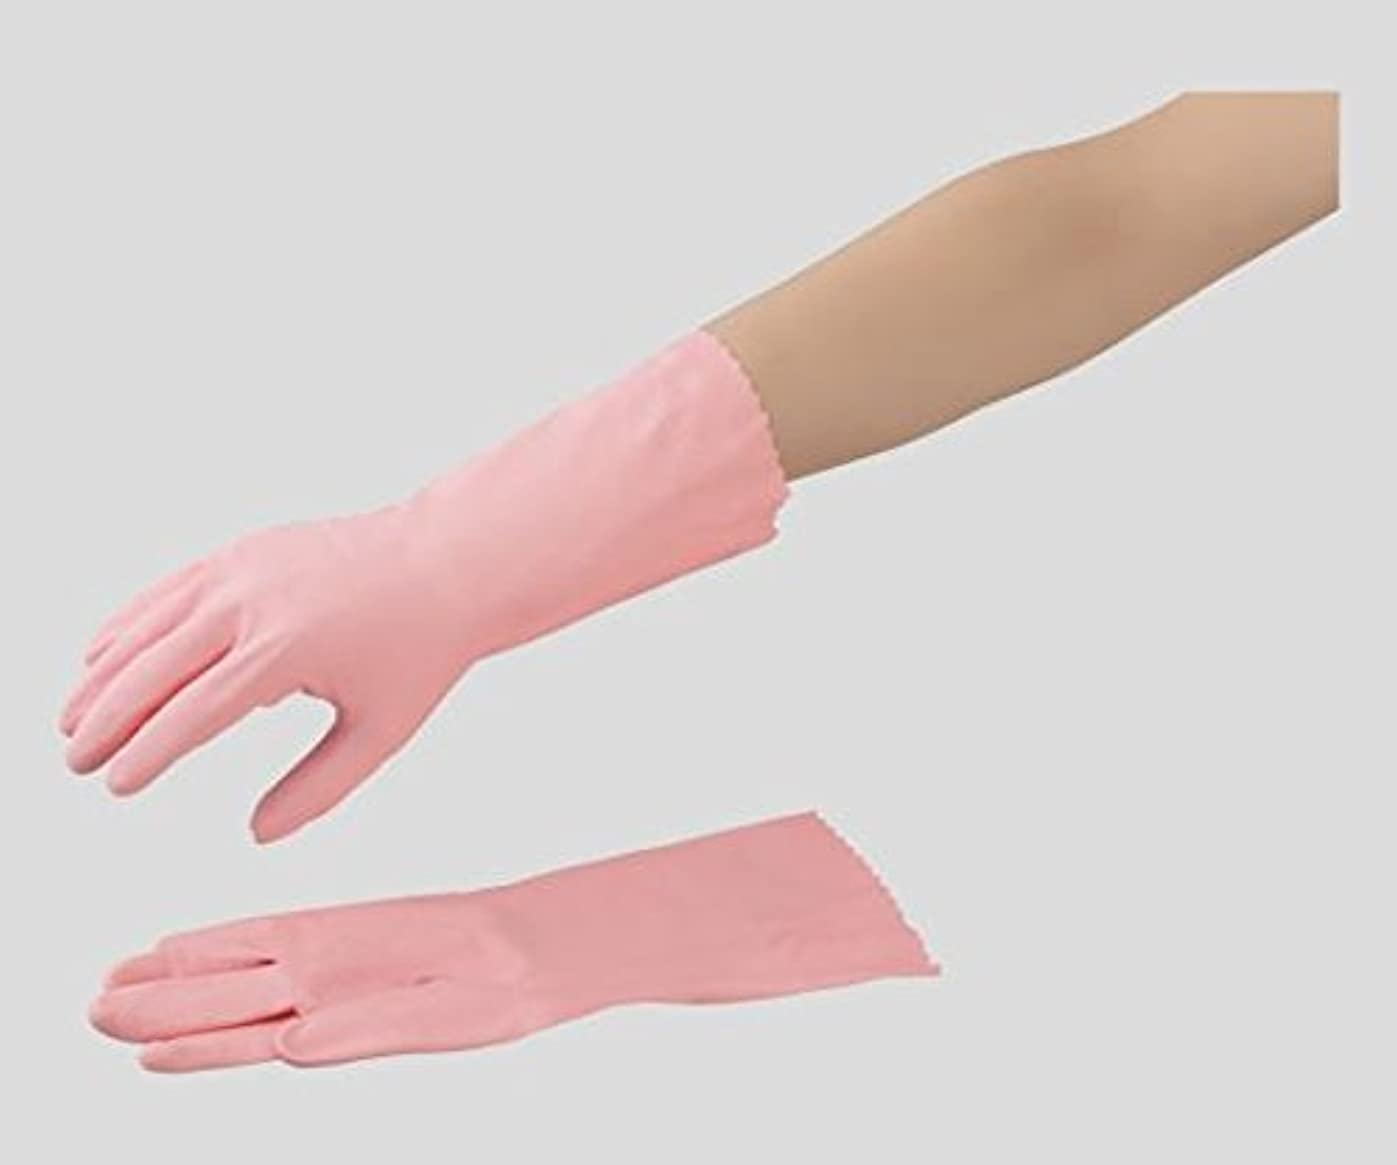 ベックス分散手のひらショーワグローブ2-9731-01ニトリルラテックス手袋中厚手裏毛付ピンクS